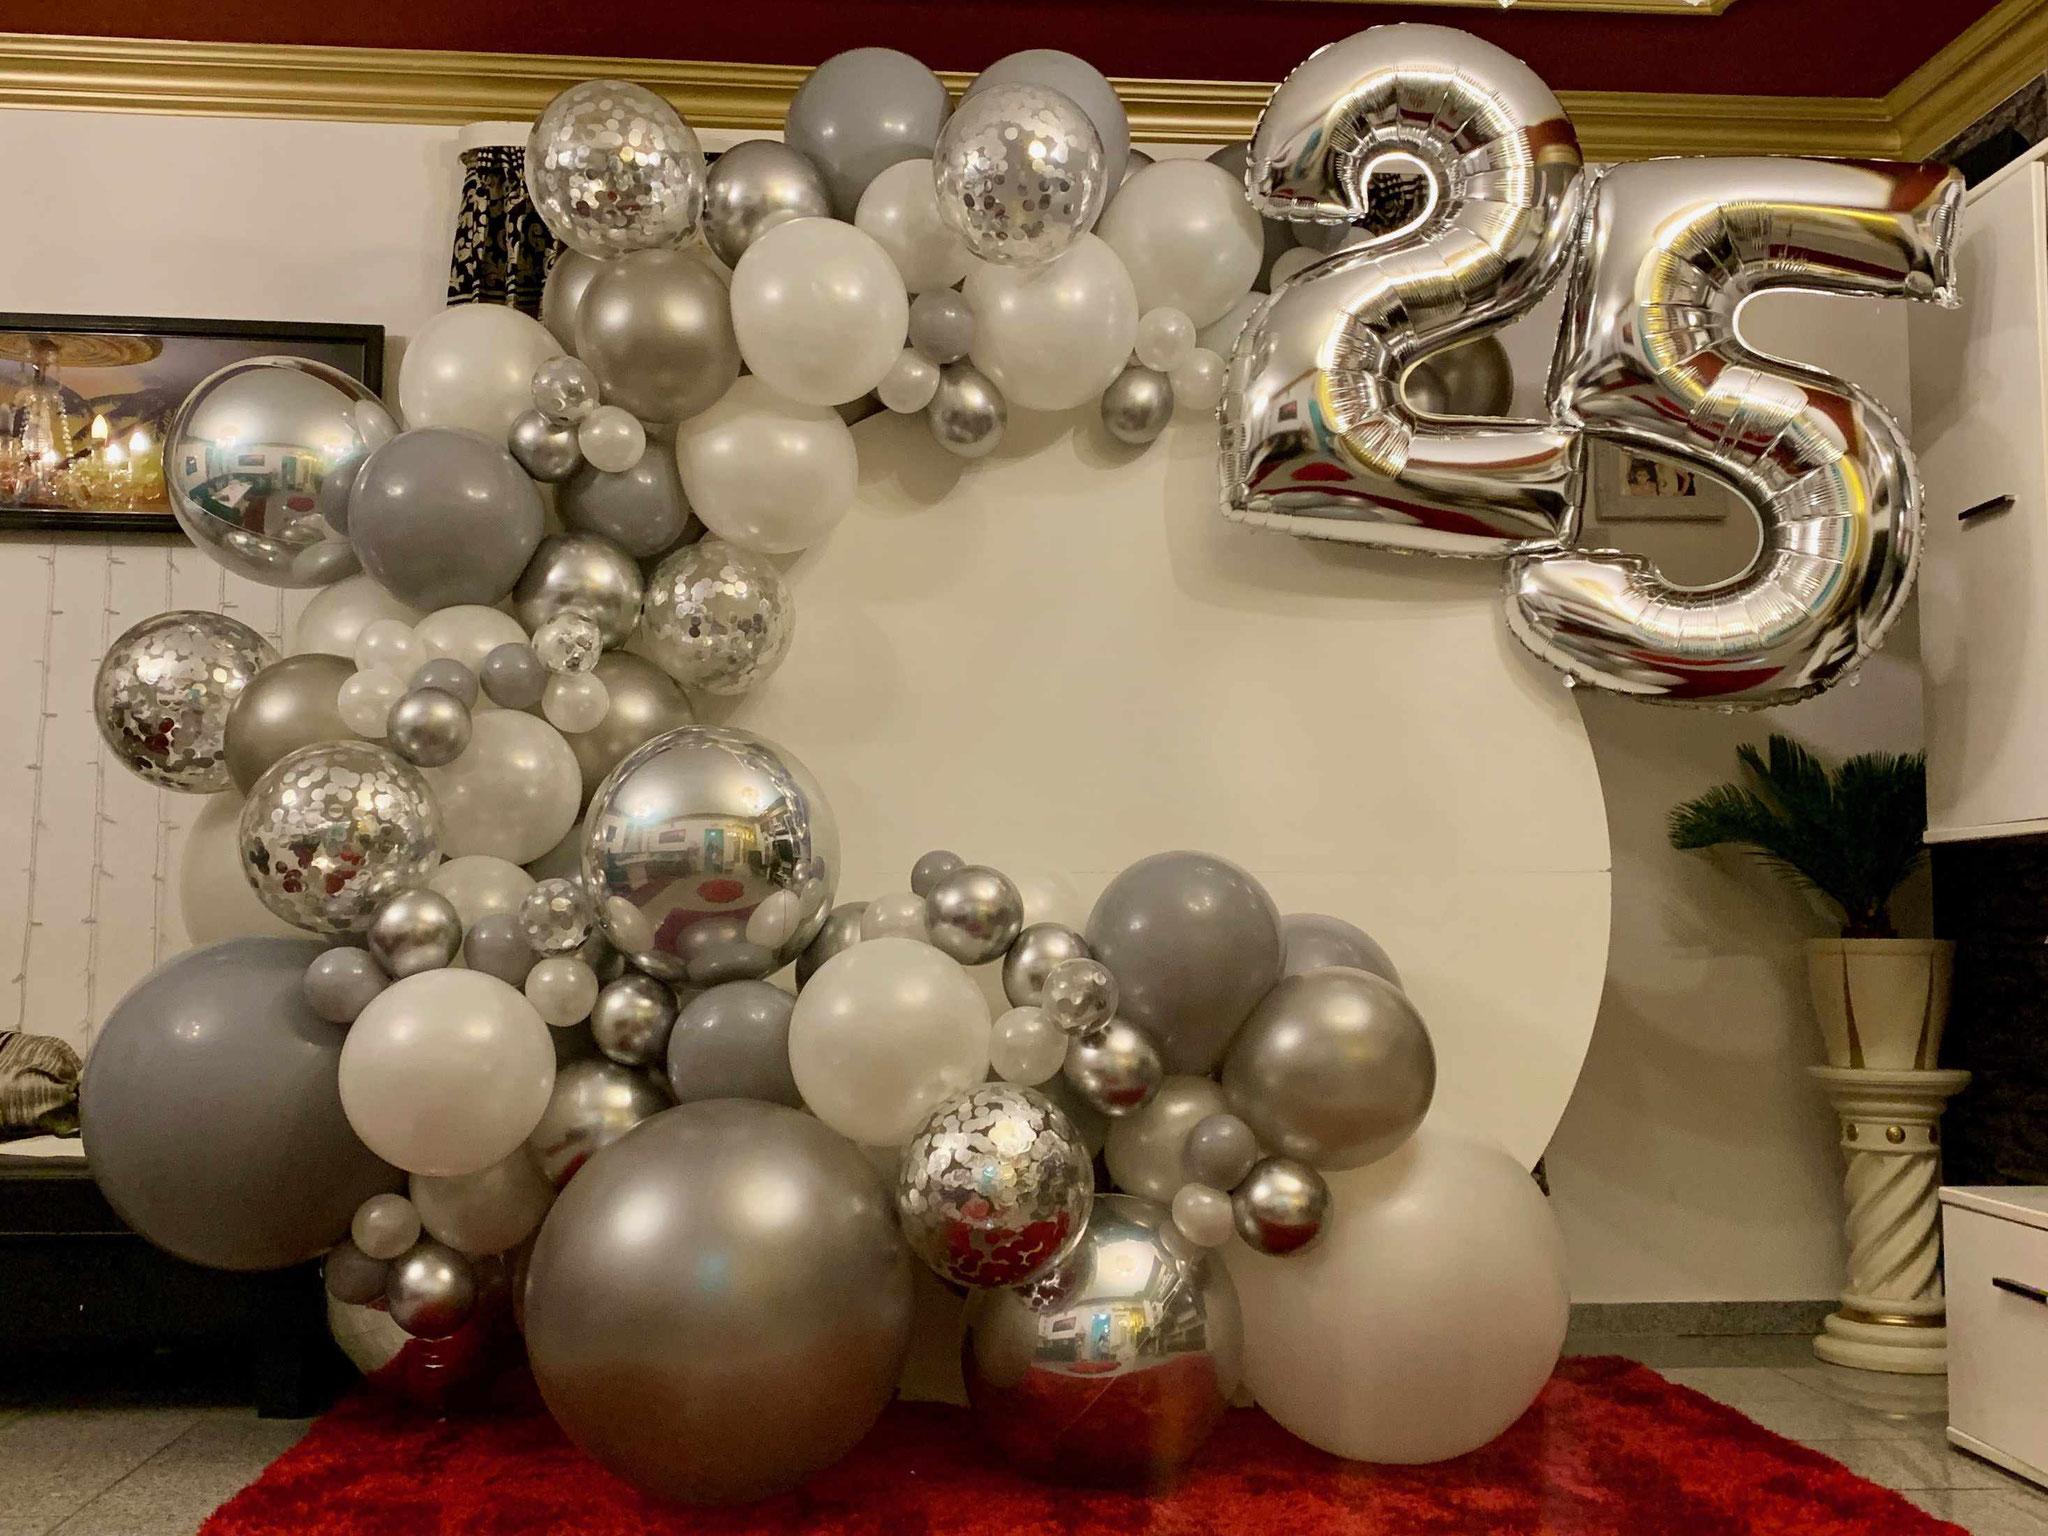 Silberhochzeit - 25 Jahre verheiratet